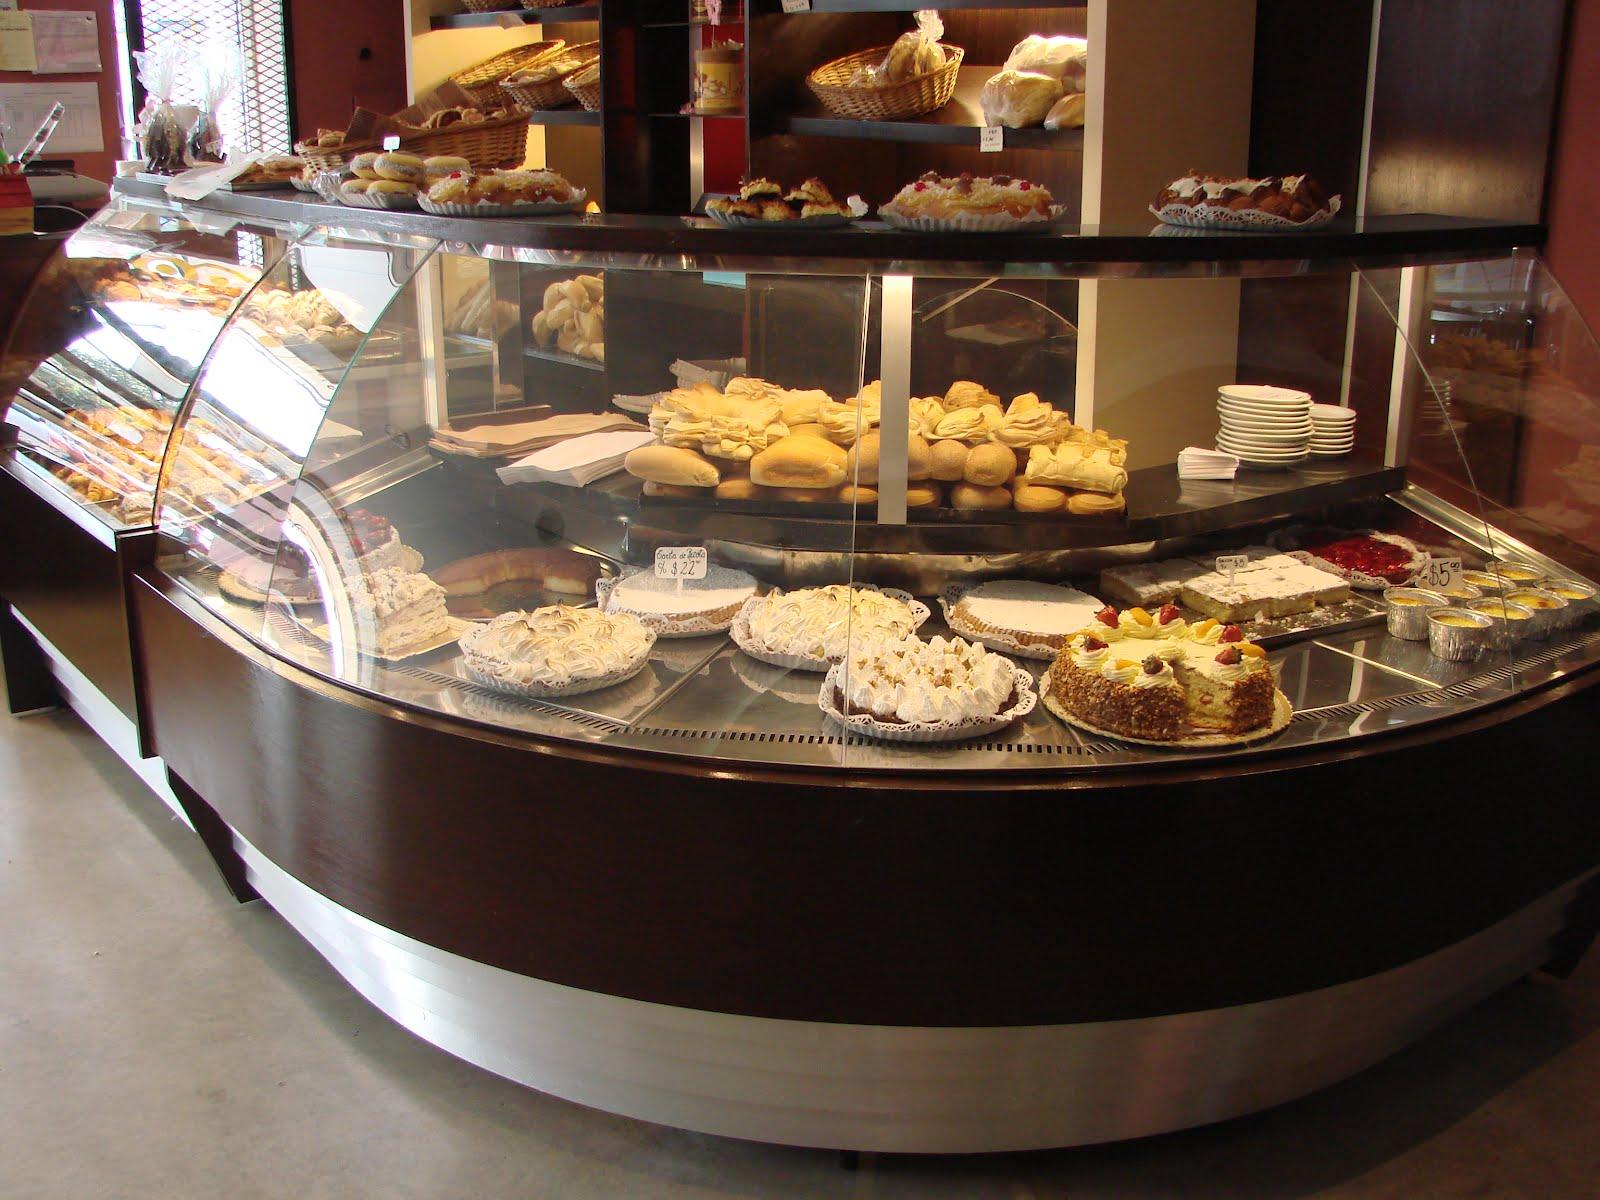 Dise o de mobiliario cafeteria y pasteleria for Muebles para cafeteria